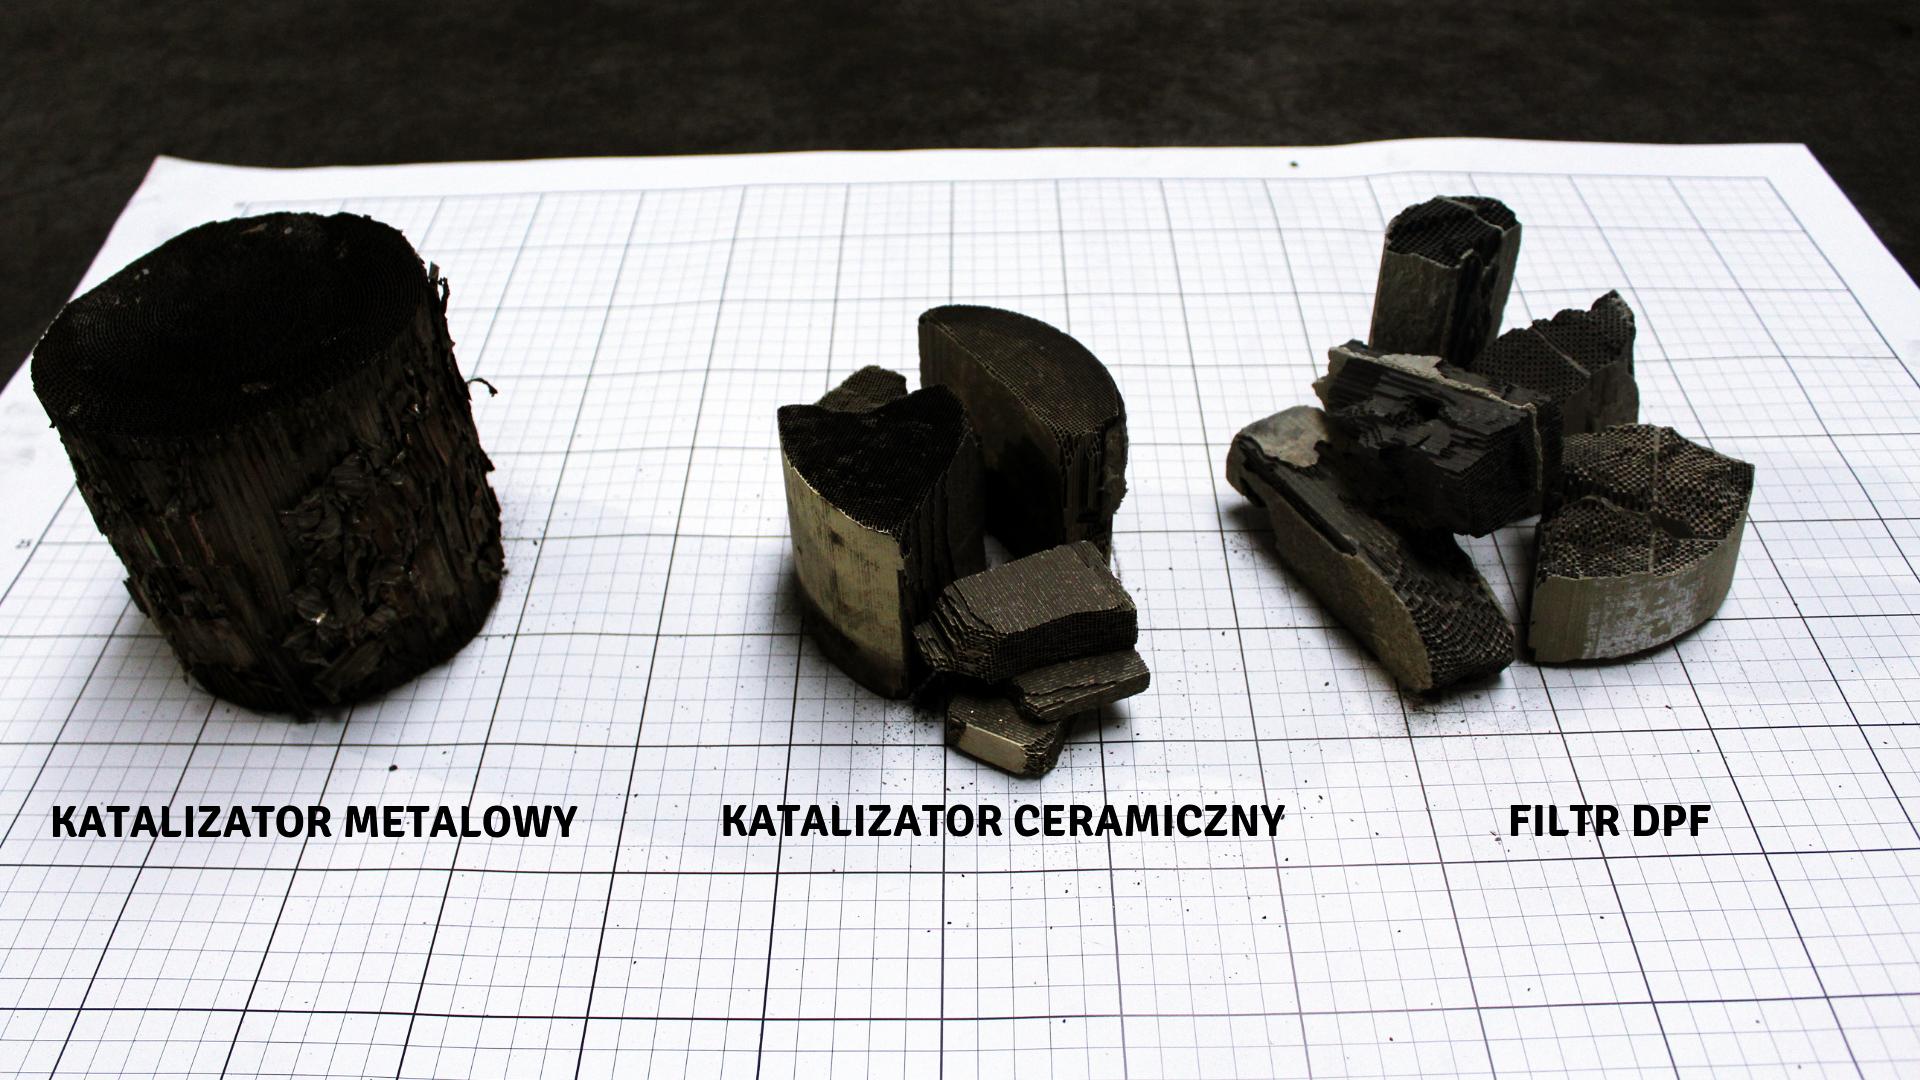 Katalizator metalowy, ceramiczny i filtr DPF